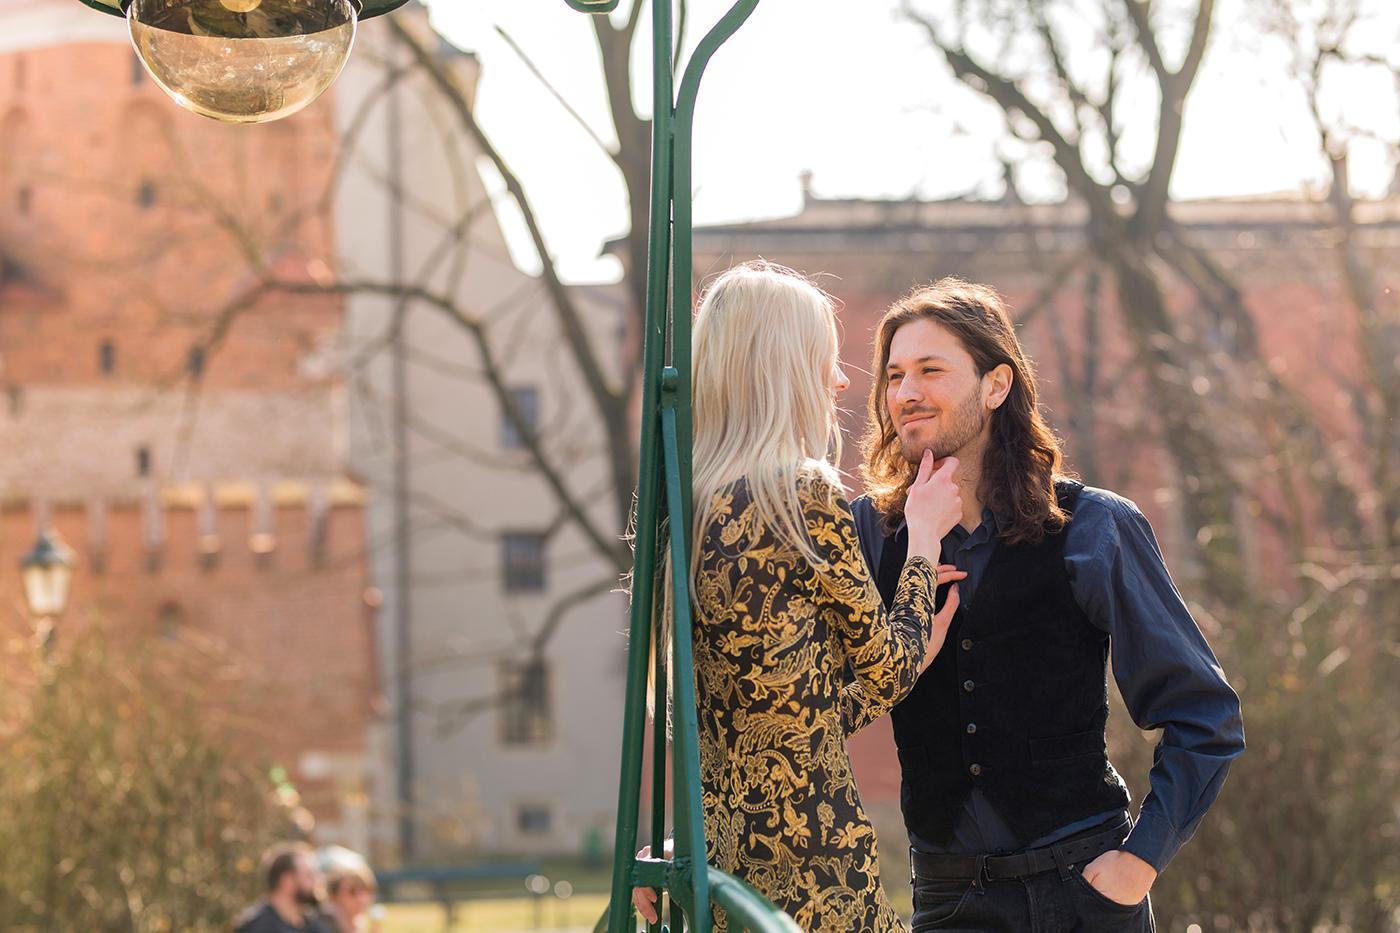 Sesja dla pary była rozdzielona na 3 stylizacje. Pierwsza była wykonana w przepięknej knajpce na Kazimierzu, o nazwie Dawno temu. Urocze miejsce, wystylizowane na dawne, stare czasy.